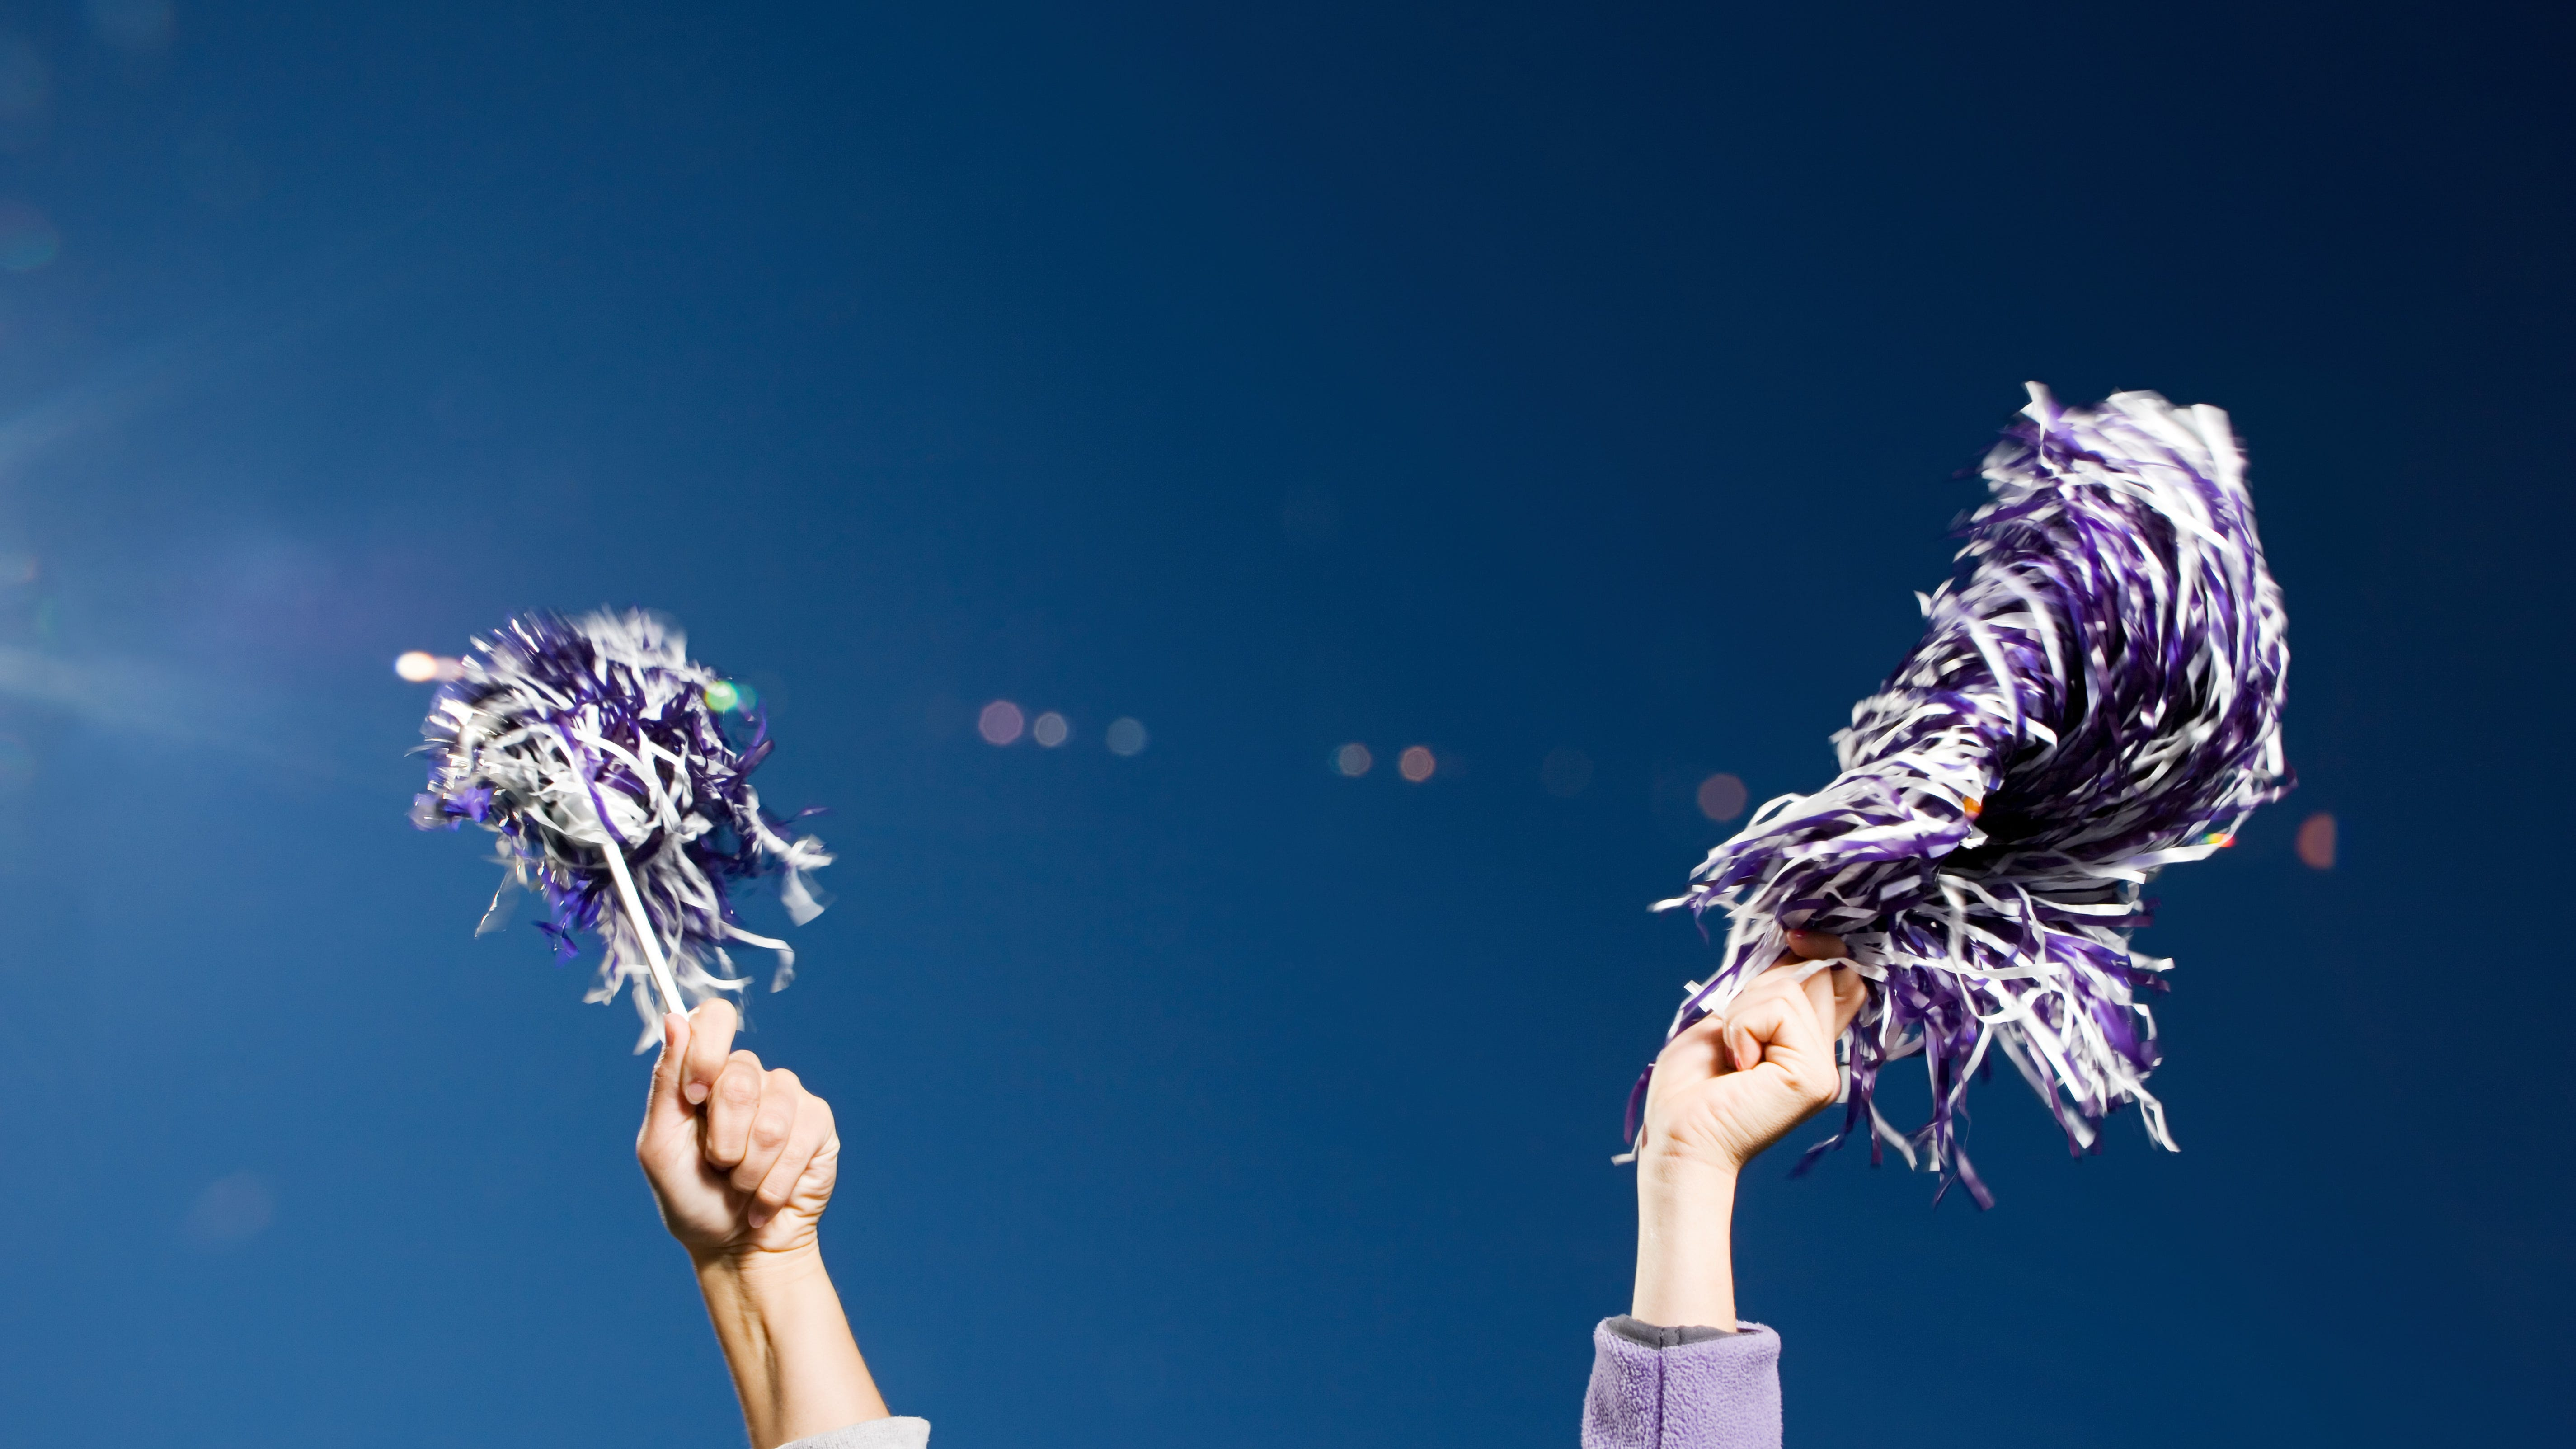 Prosper High School honors severely injured cheerleader